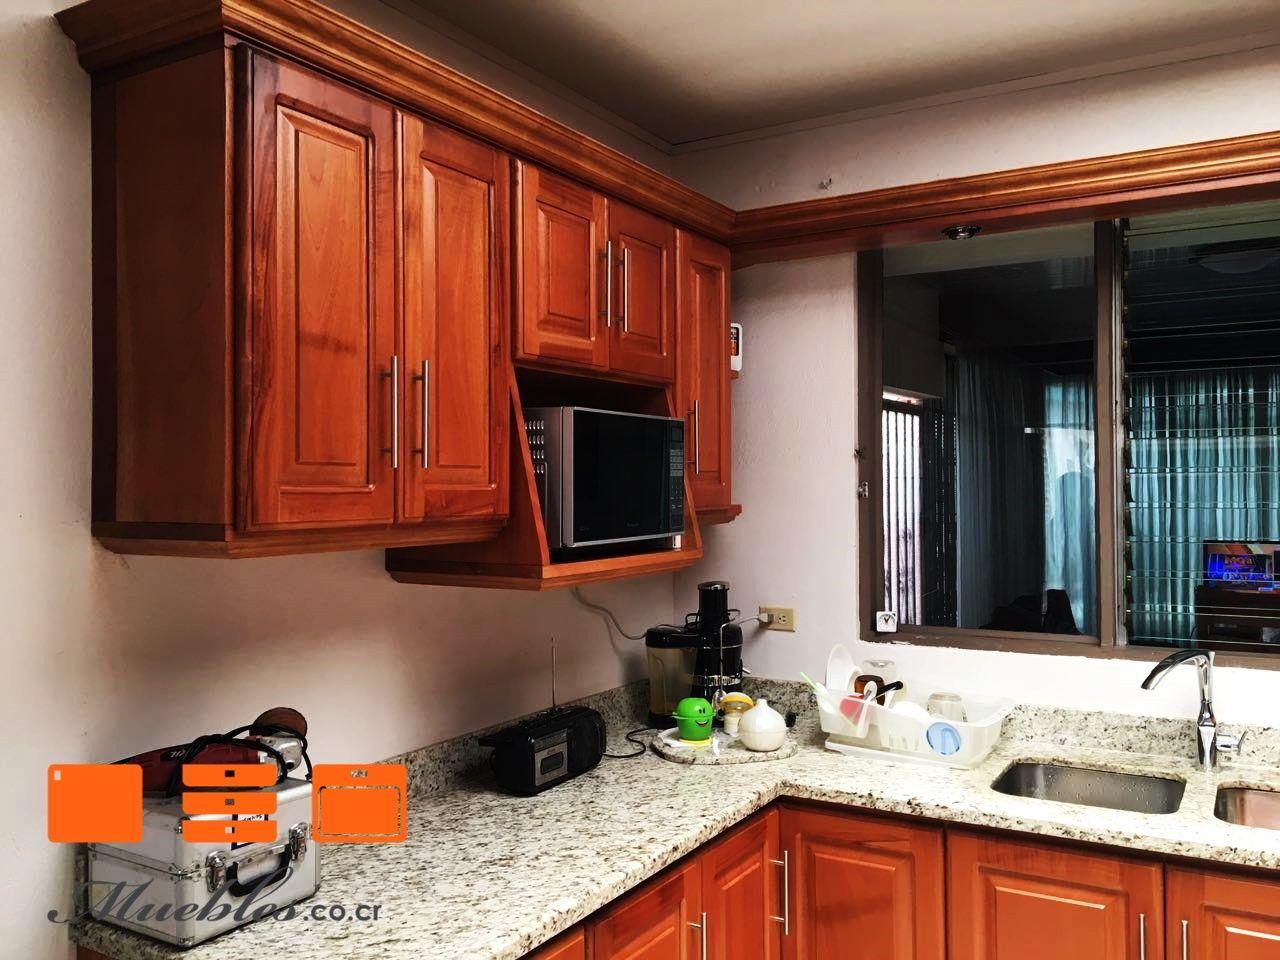 Cocina de madera tono natural y microondas empotrado. | Muebles de ...